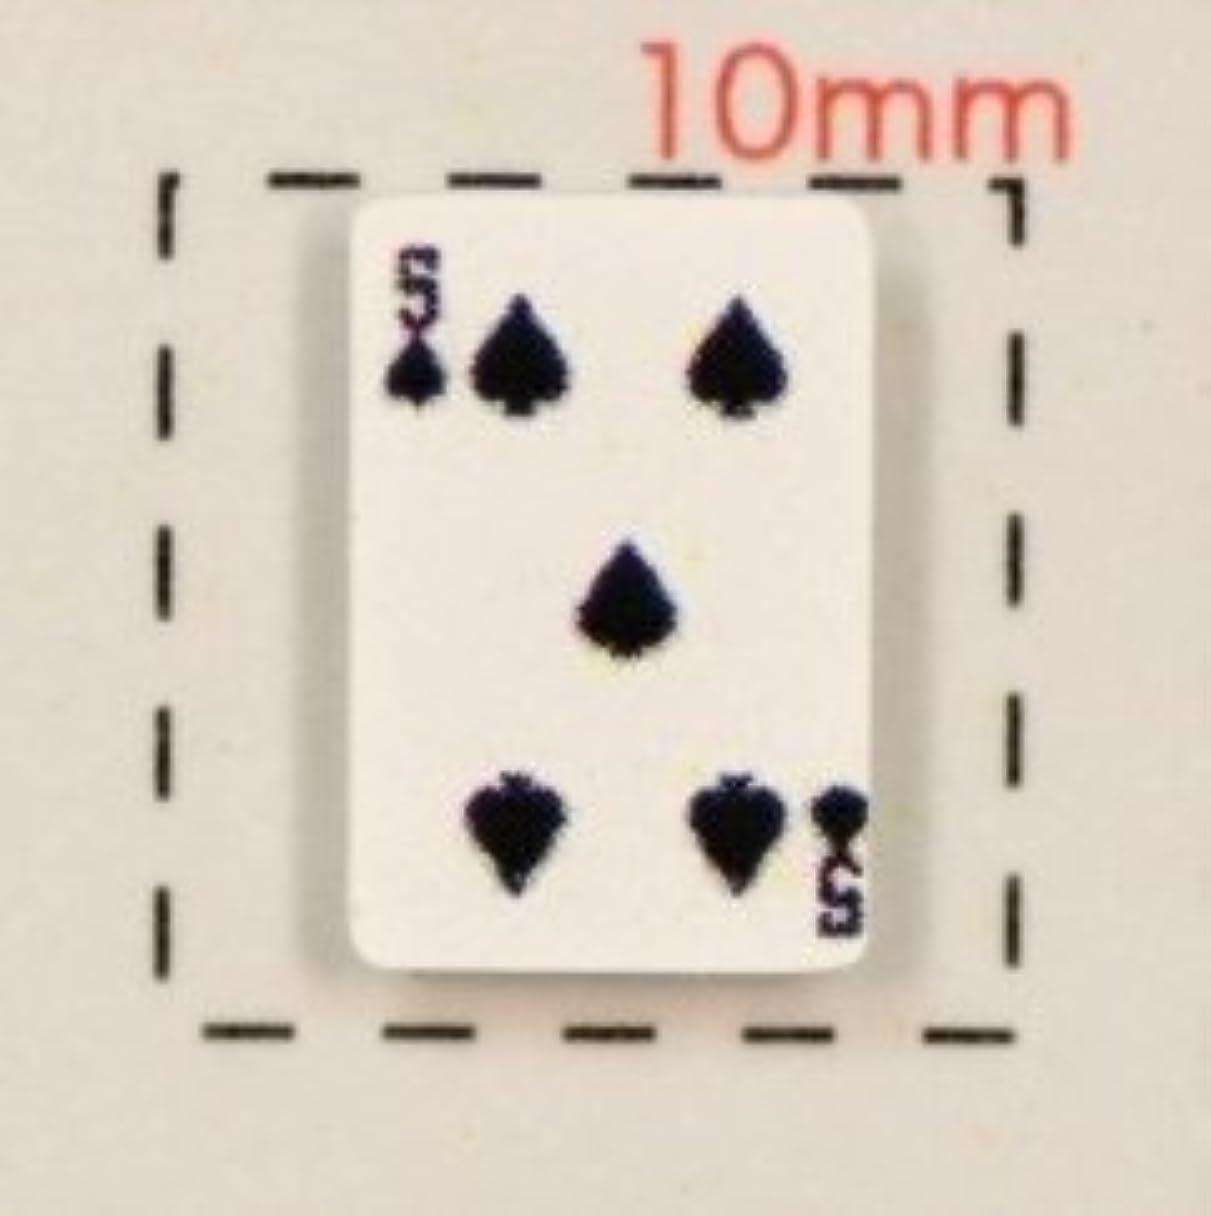 騙す見込み豊かにする【トランプネイルシール】カード(2)スペード5/1シート12枚入